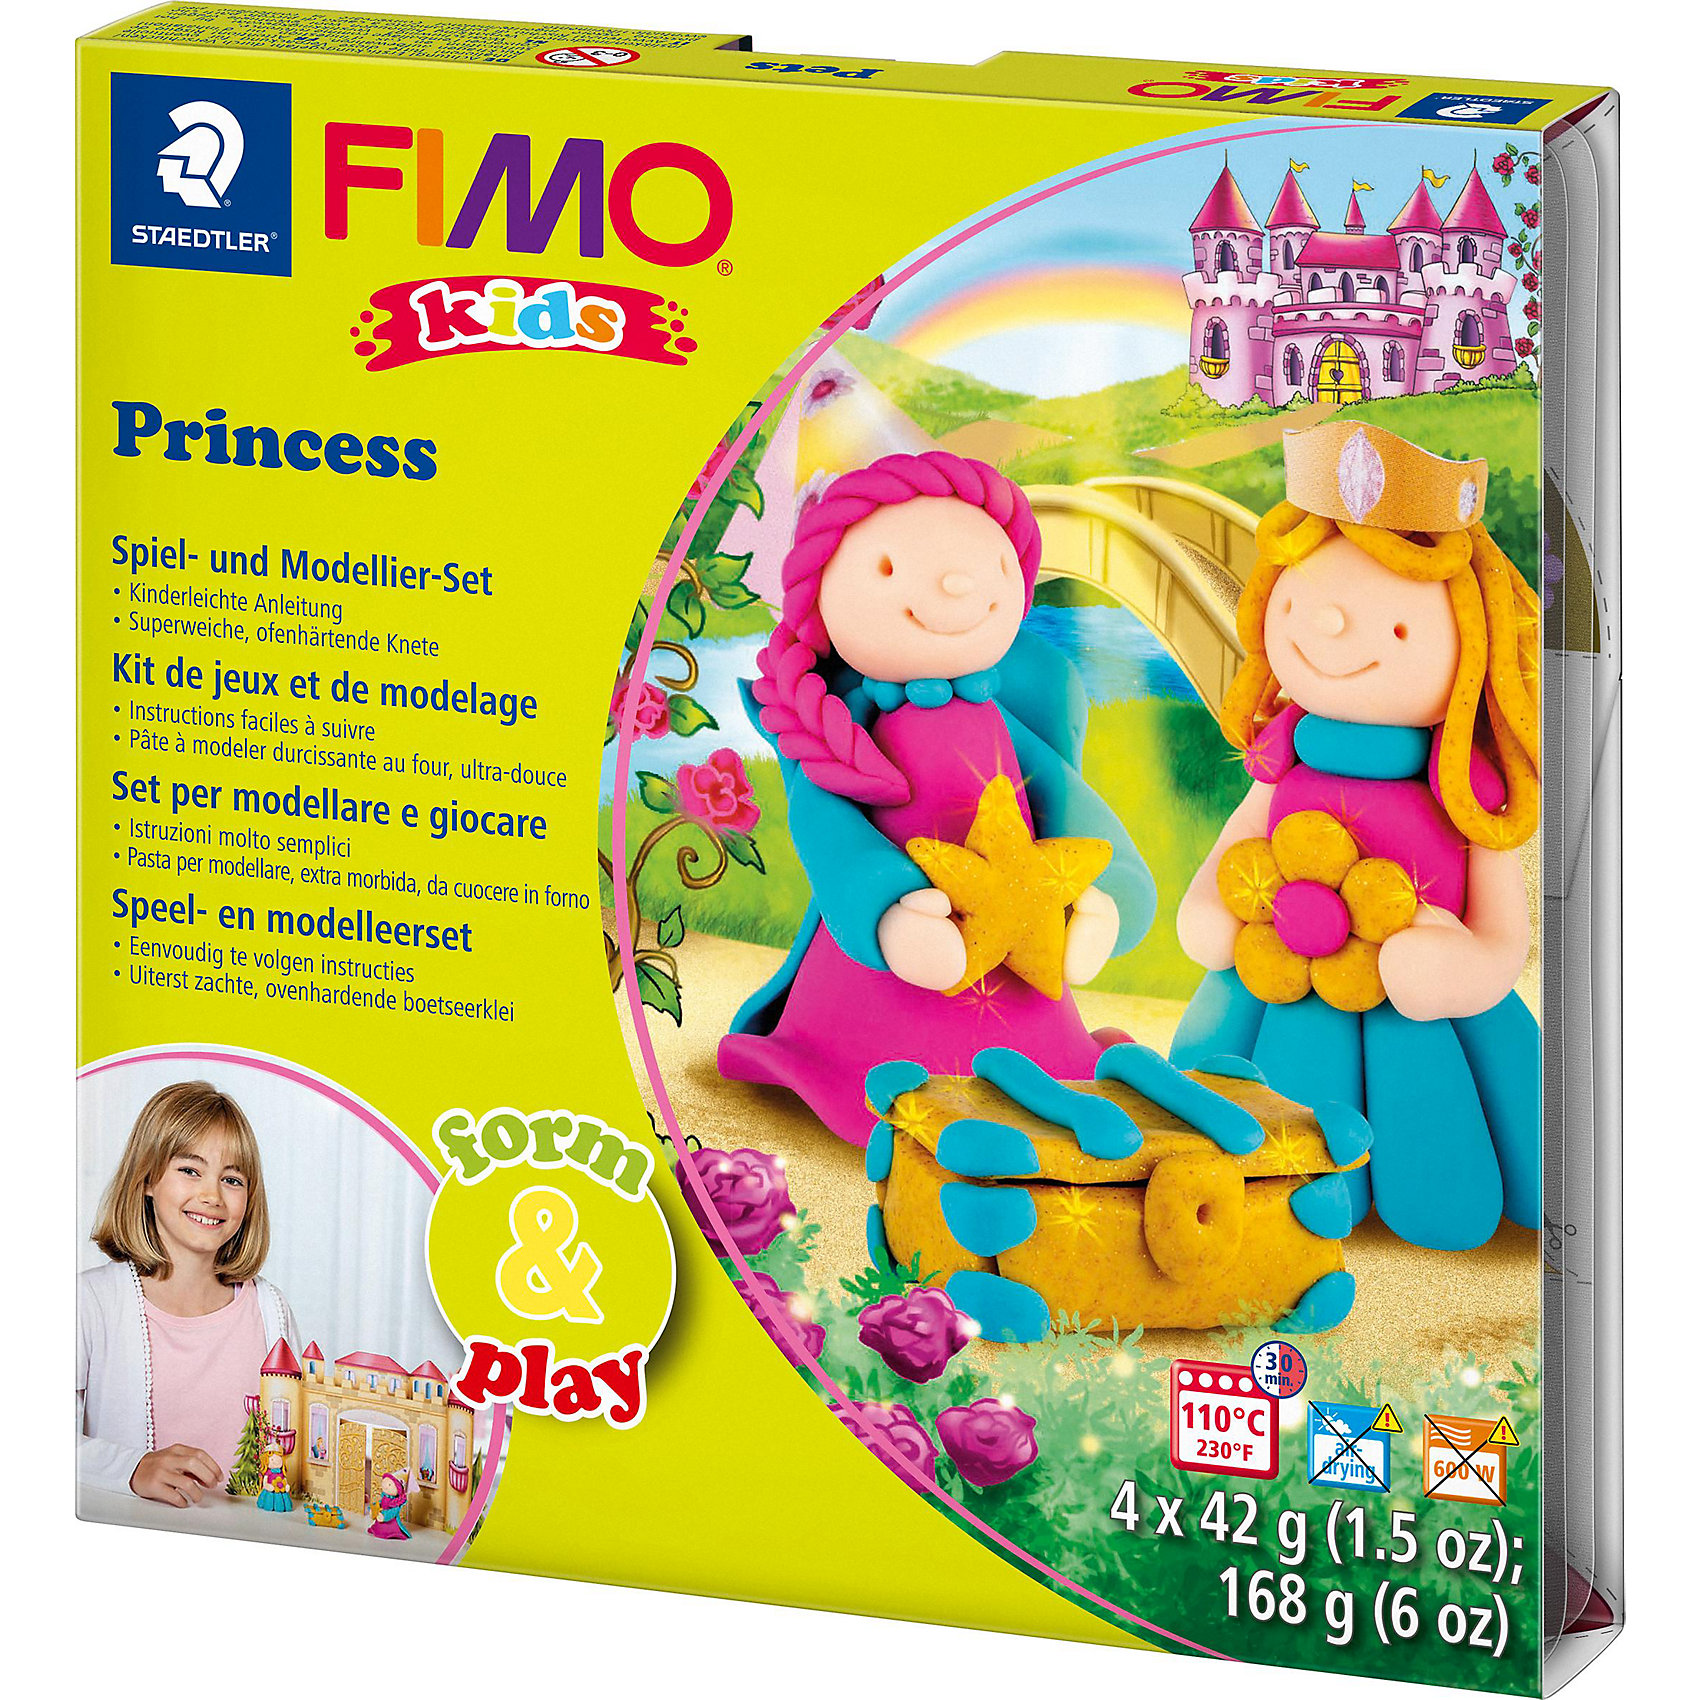 Набор для создания украшений ПринцессаЛепка<br>Серия Form&amp;play представляет собой сочетание моделирование и игры. Основная концепция включает простые и хорошо понятные формы, инструкции в соответствии с уровнем сложности и полимерную глину, разработанную специально для детей. Игровая фоновая сцена, изображенная на внутренней стороне упаковки, не только доставит дополнительное удовольствие от игры, но и вдохновит на новые идеи моделирования.<br>FIMO kids form&amp;play детский набор Принцесса - содержит: 4 блока по 42 г (нежно-розовый, розовый, телесный, блестящий белый), стек для моделирования, пошаговые инструкции, игровая фоновая сцена. Уровень сложности 3.<br><br>Ширина мм: 156<br>Глубина мм: 159<br>Высота мм: 27<br>Вес г: 262<br>Возраст от месяцев: 60<br>Возраст до месяцев: 96<br>Пол: Унисекс<br>Возраст: Детский<br>SKU: 3608627